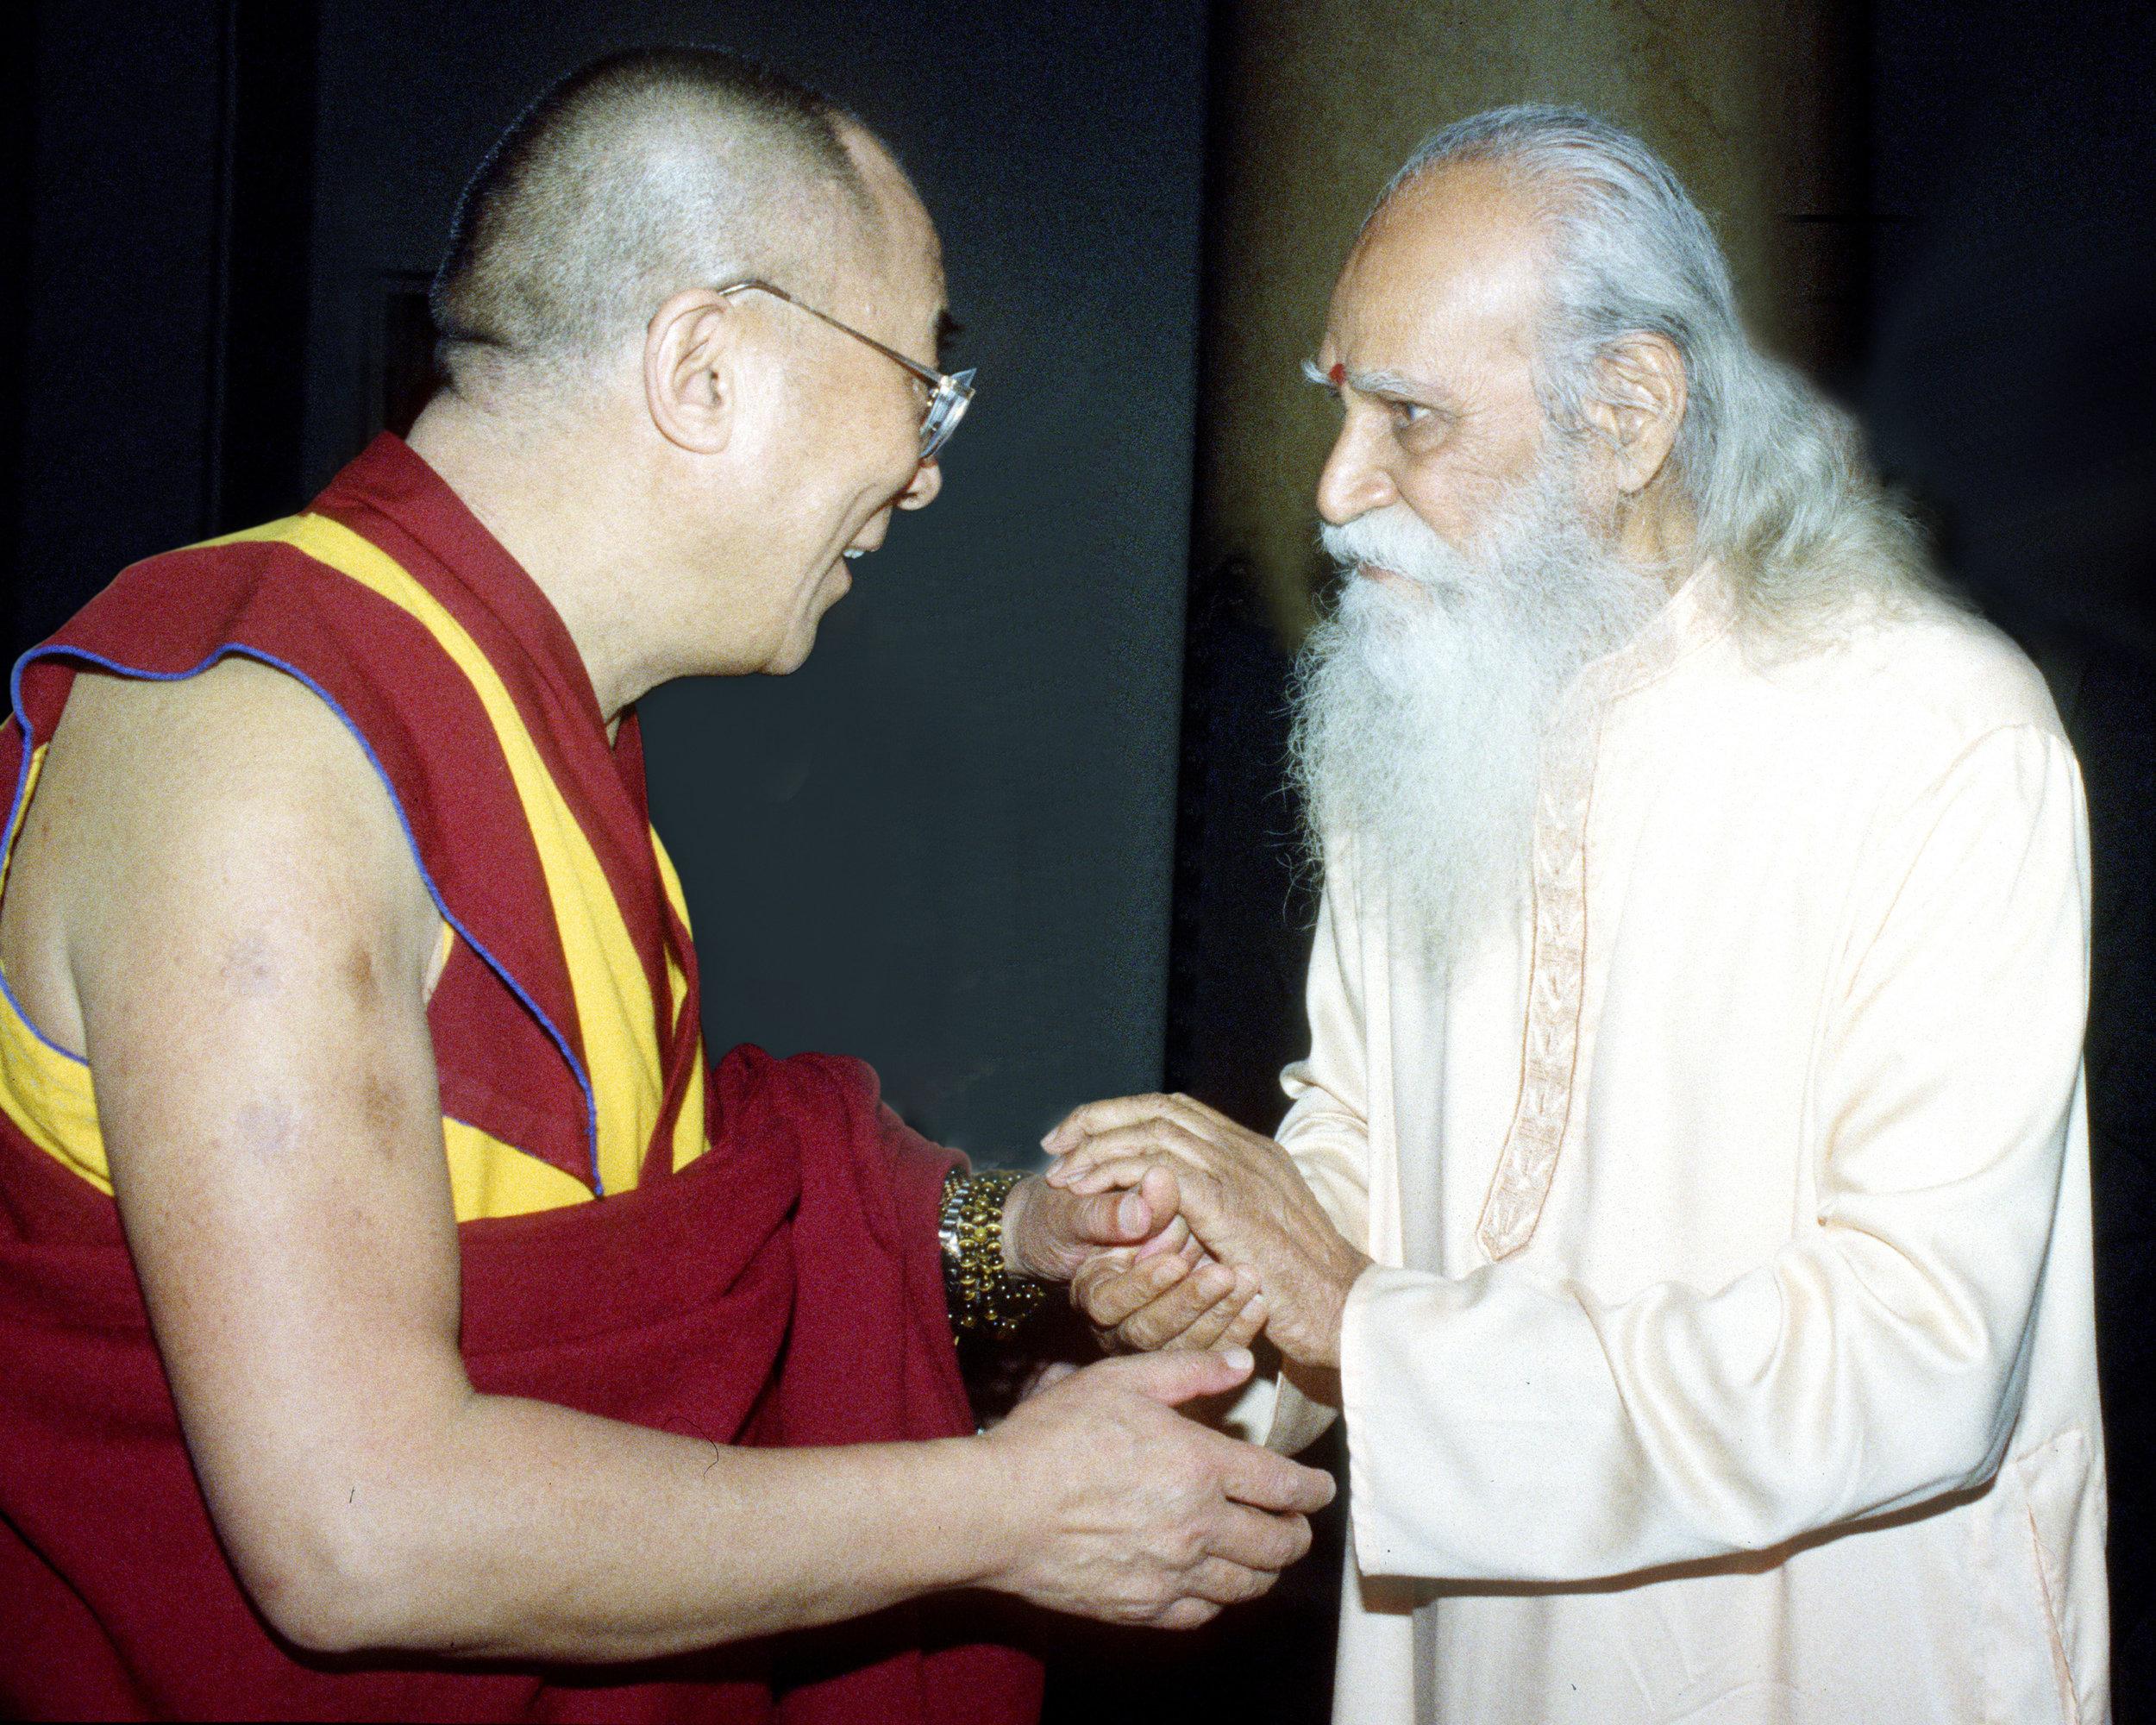 press-Swami-Satchidananda.-Dalai-Lama.jpg